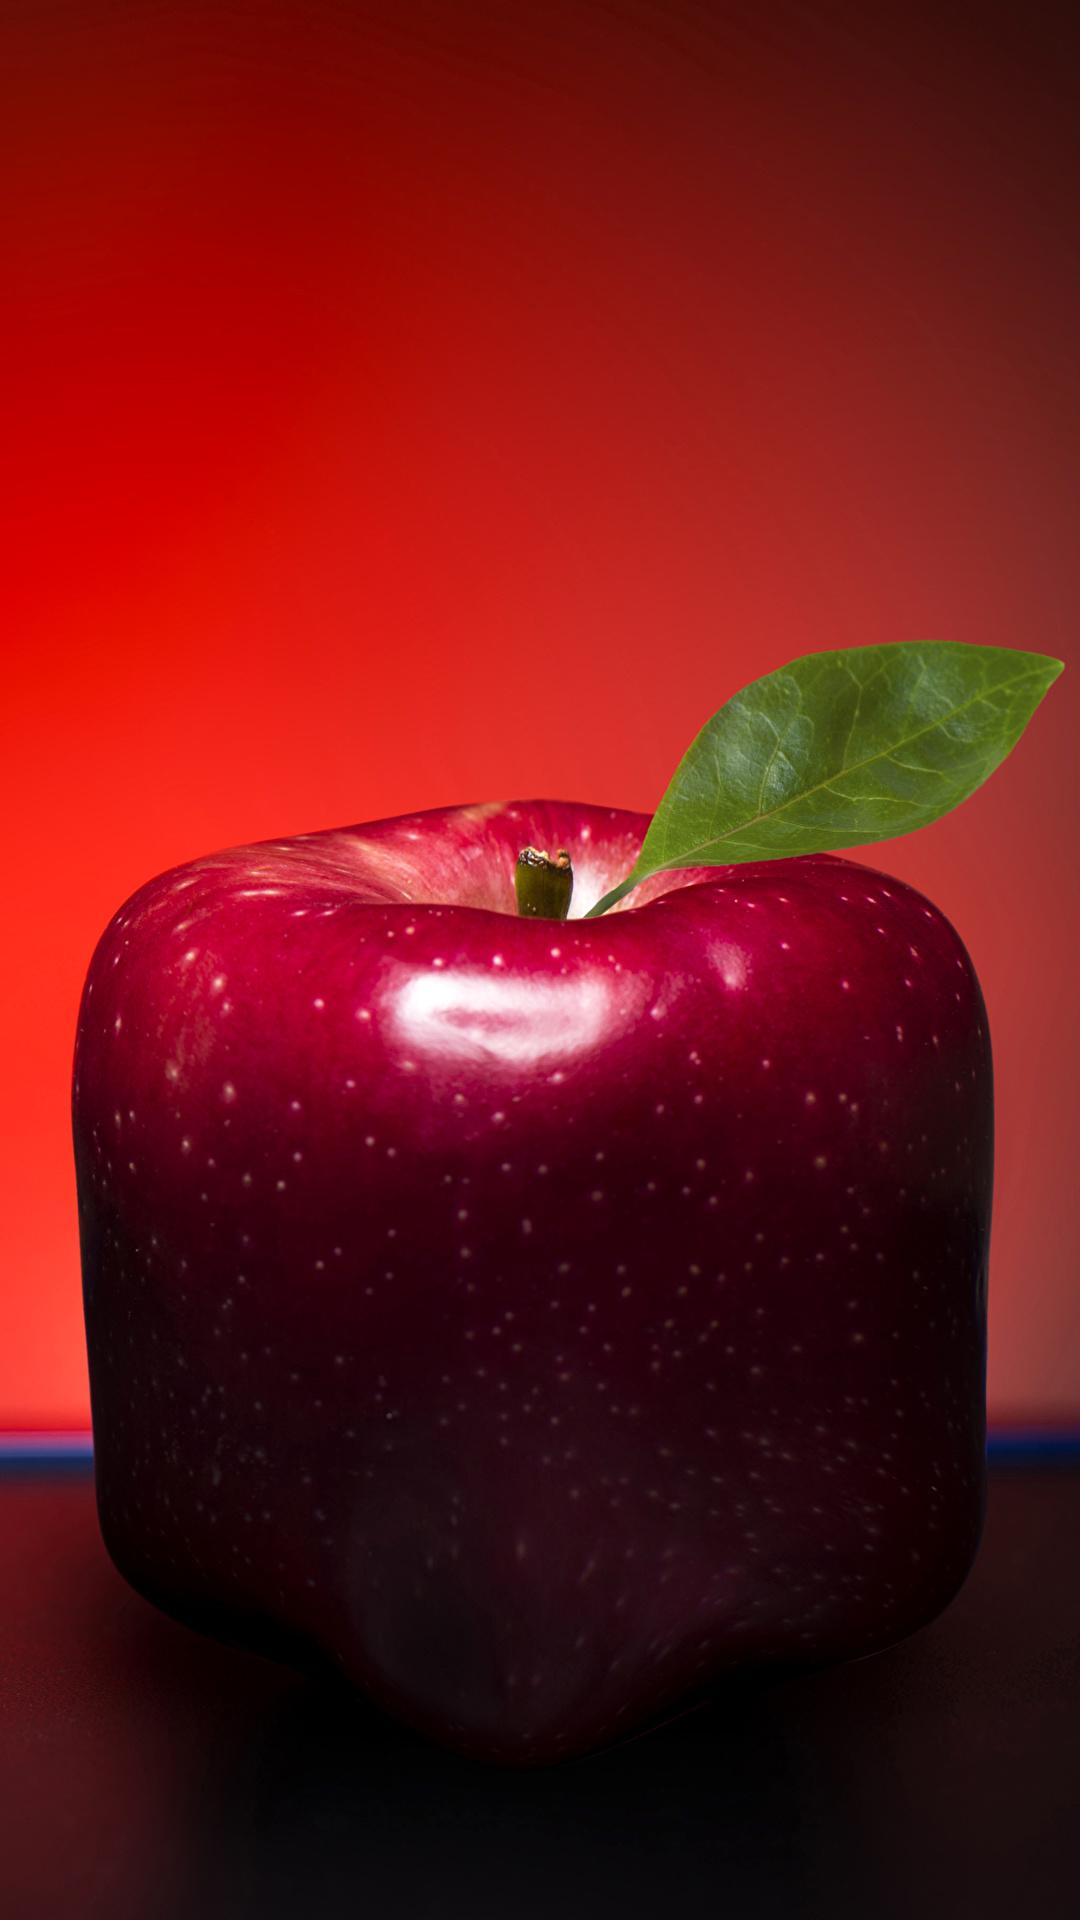 Обои для рабочего стола красная Яблоки оригинальные Пища Крупным планом 1080x1920 красных красные Красный Креатив Еда Продукты питания вблизи